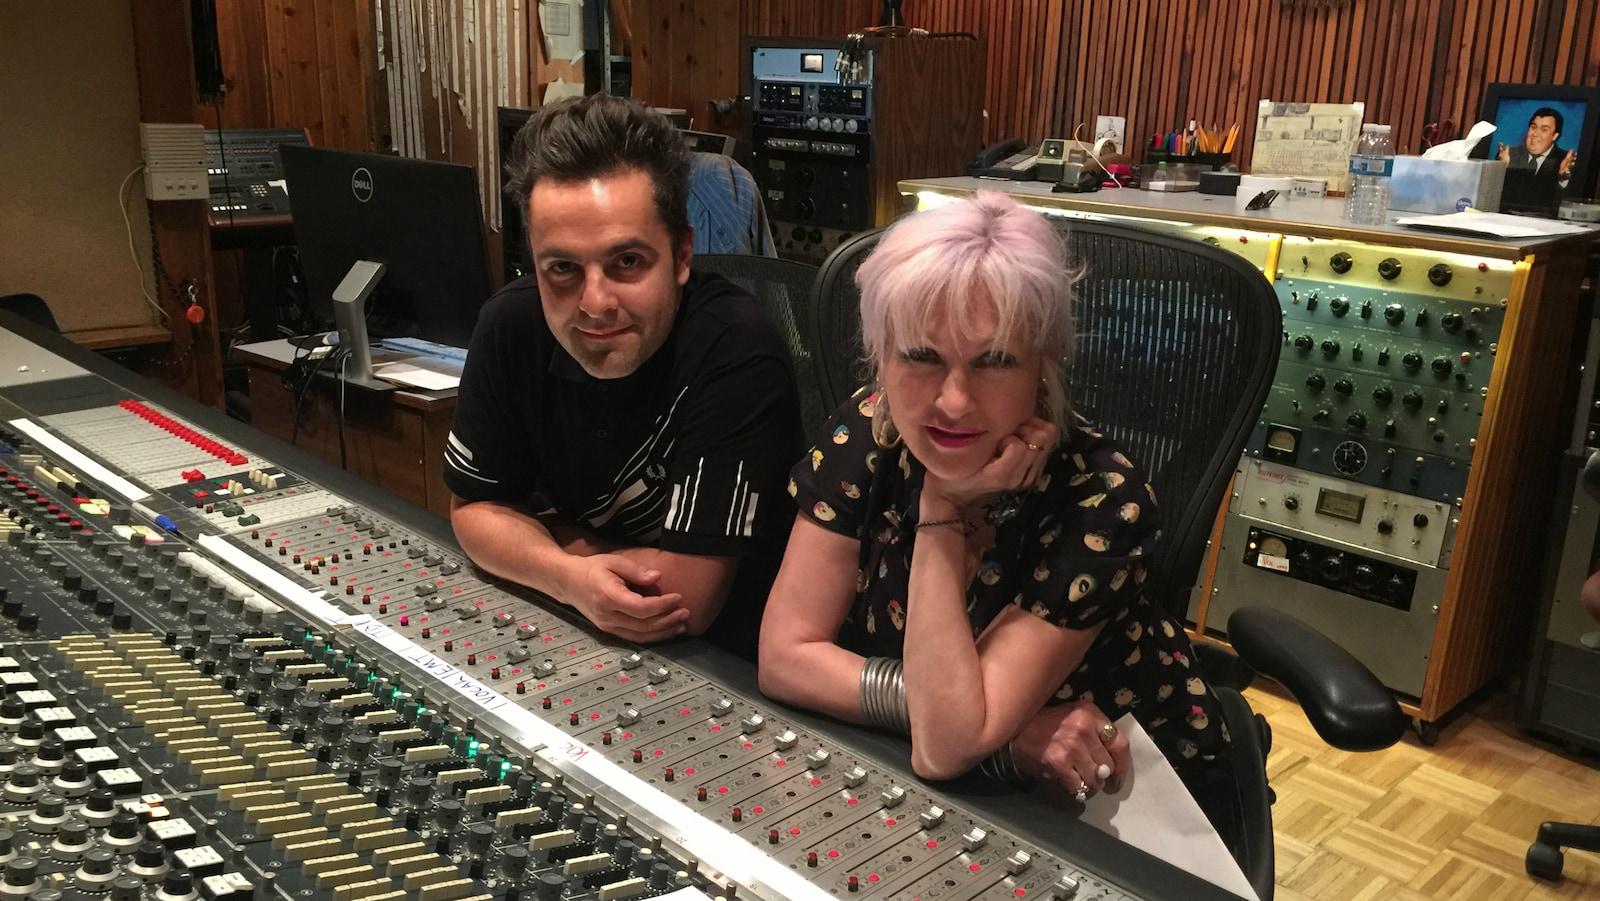 Dumas et Cyndi Lauper, assis côte à côte, devant une console d'un studio d'enregistrement.